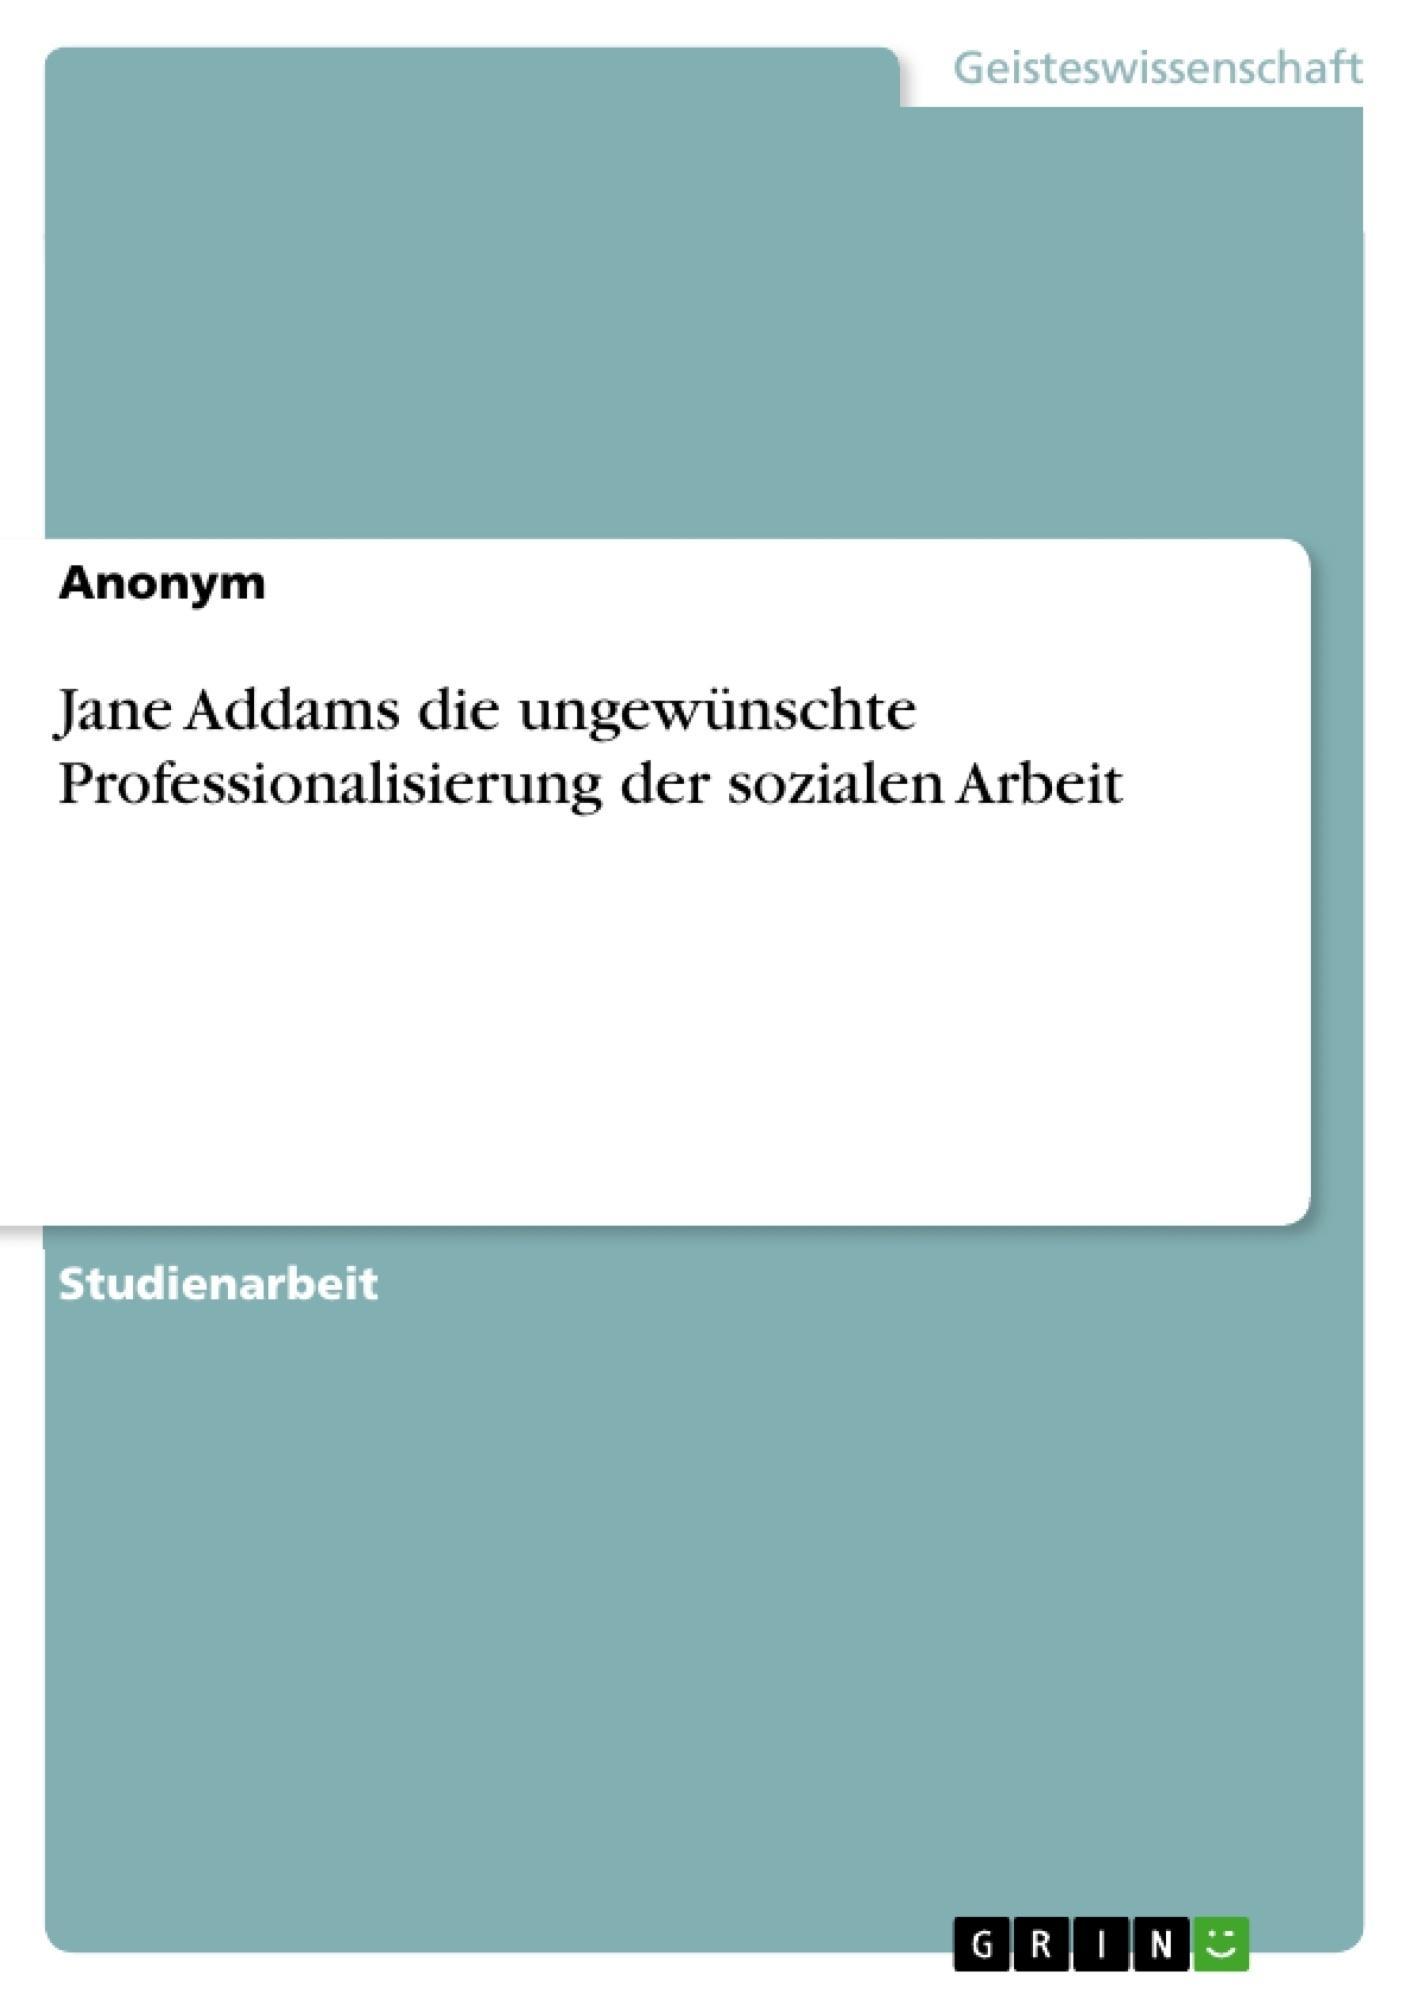 Titel: Jane Addams die ungewünschte Professionalisierung der sozialen Arbeit